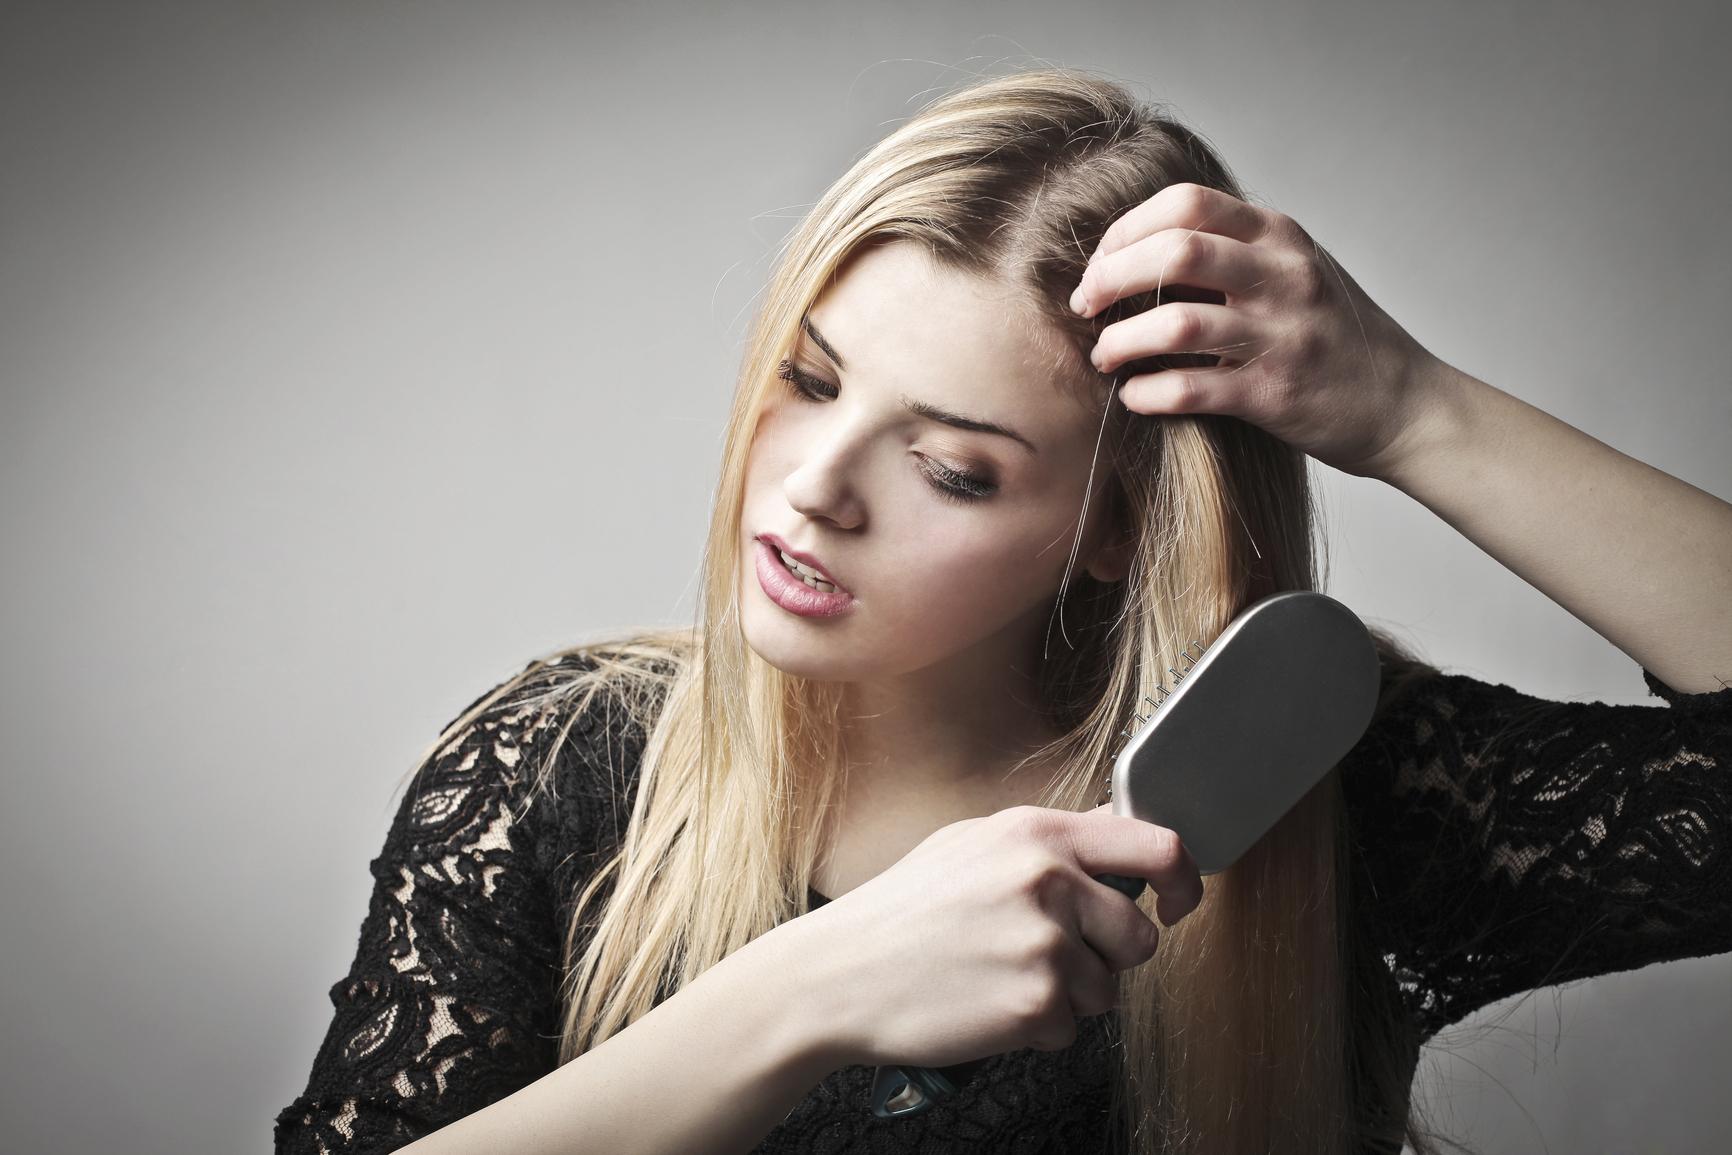 Выпадение волос может быть связано с плохим питанием и дефицитом витаминов в организме